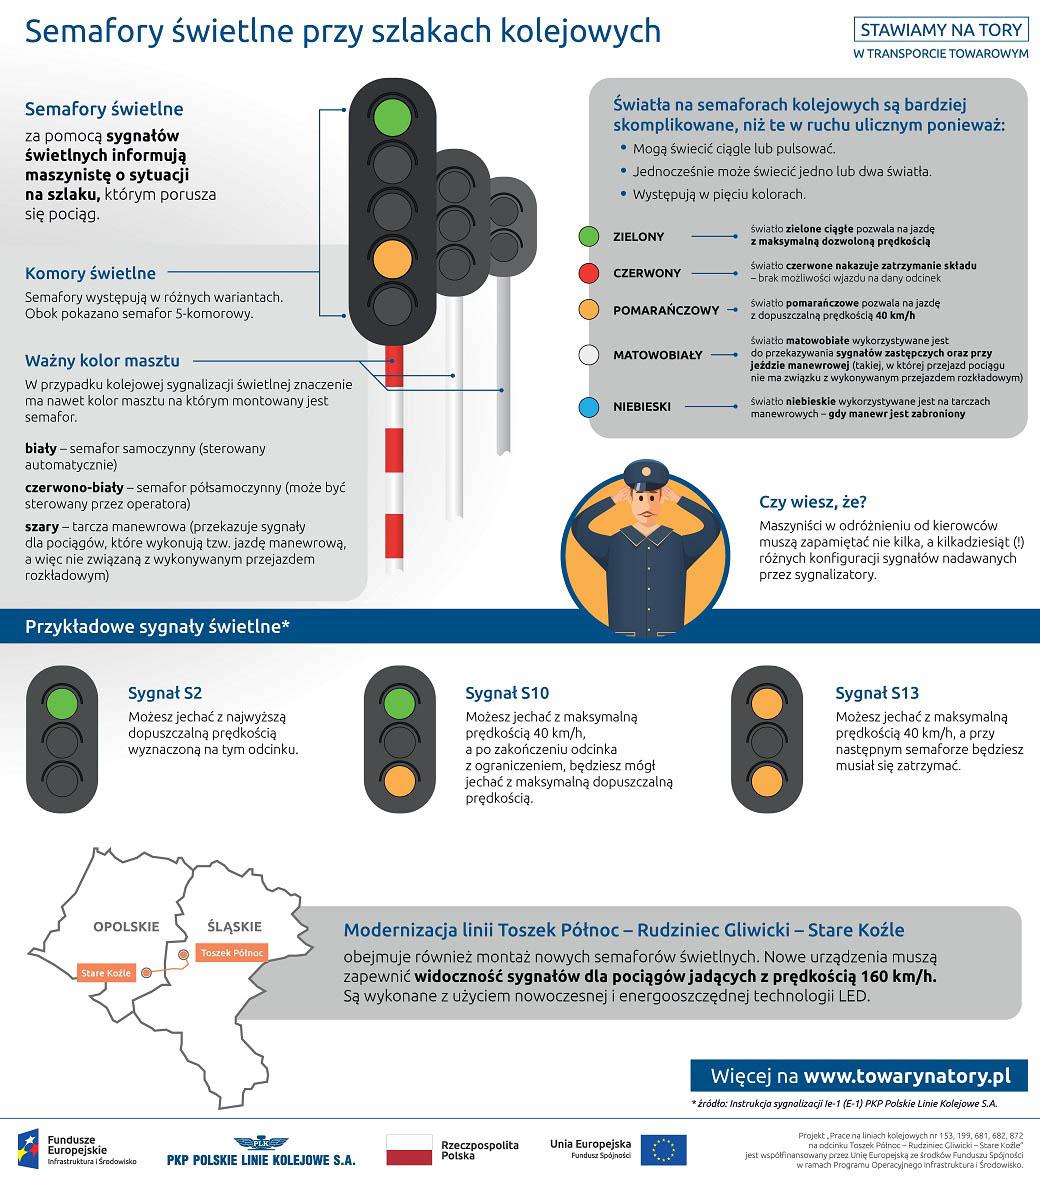 Infografika mówi o rodzaju świateł stosowanych na semaforach kolejowych.  Zielony oznacza że można jechac z pełną prędkością, czerwony nakazuje zatrzymanie, pomarańczowy oznacza ze można jechać z prędkością do czterdziestu kilometrów na godzinę, biały oznacza sygnały zastępcze a niebieskie oznacza zakazany manewr.